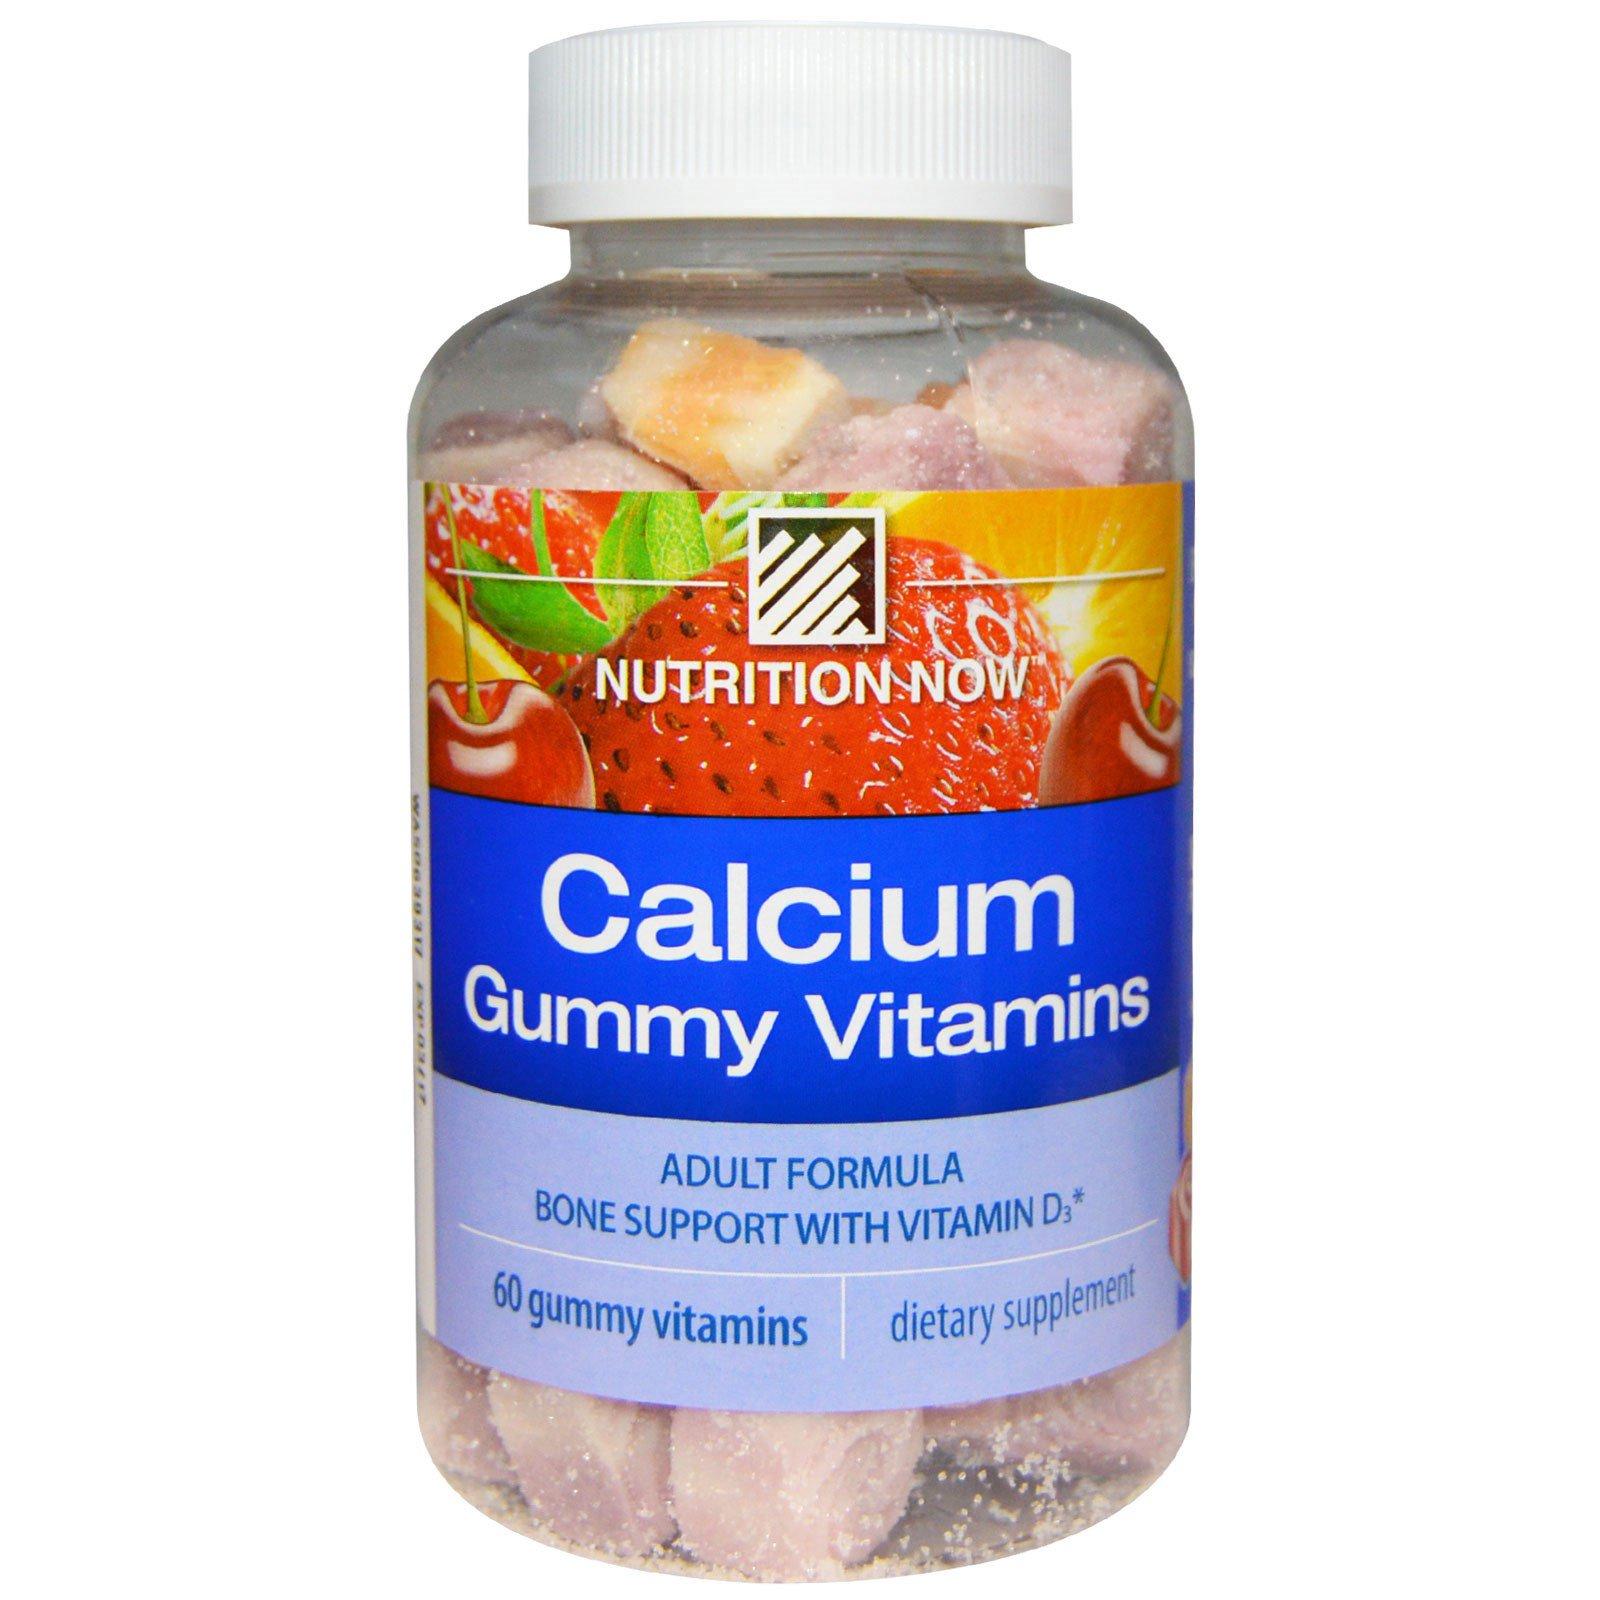 Nutrition Now, Жевательные витамины Кальций, формула для взрослых, апельсин, вишня и клубника, 60 жевательных витаминов